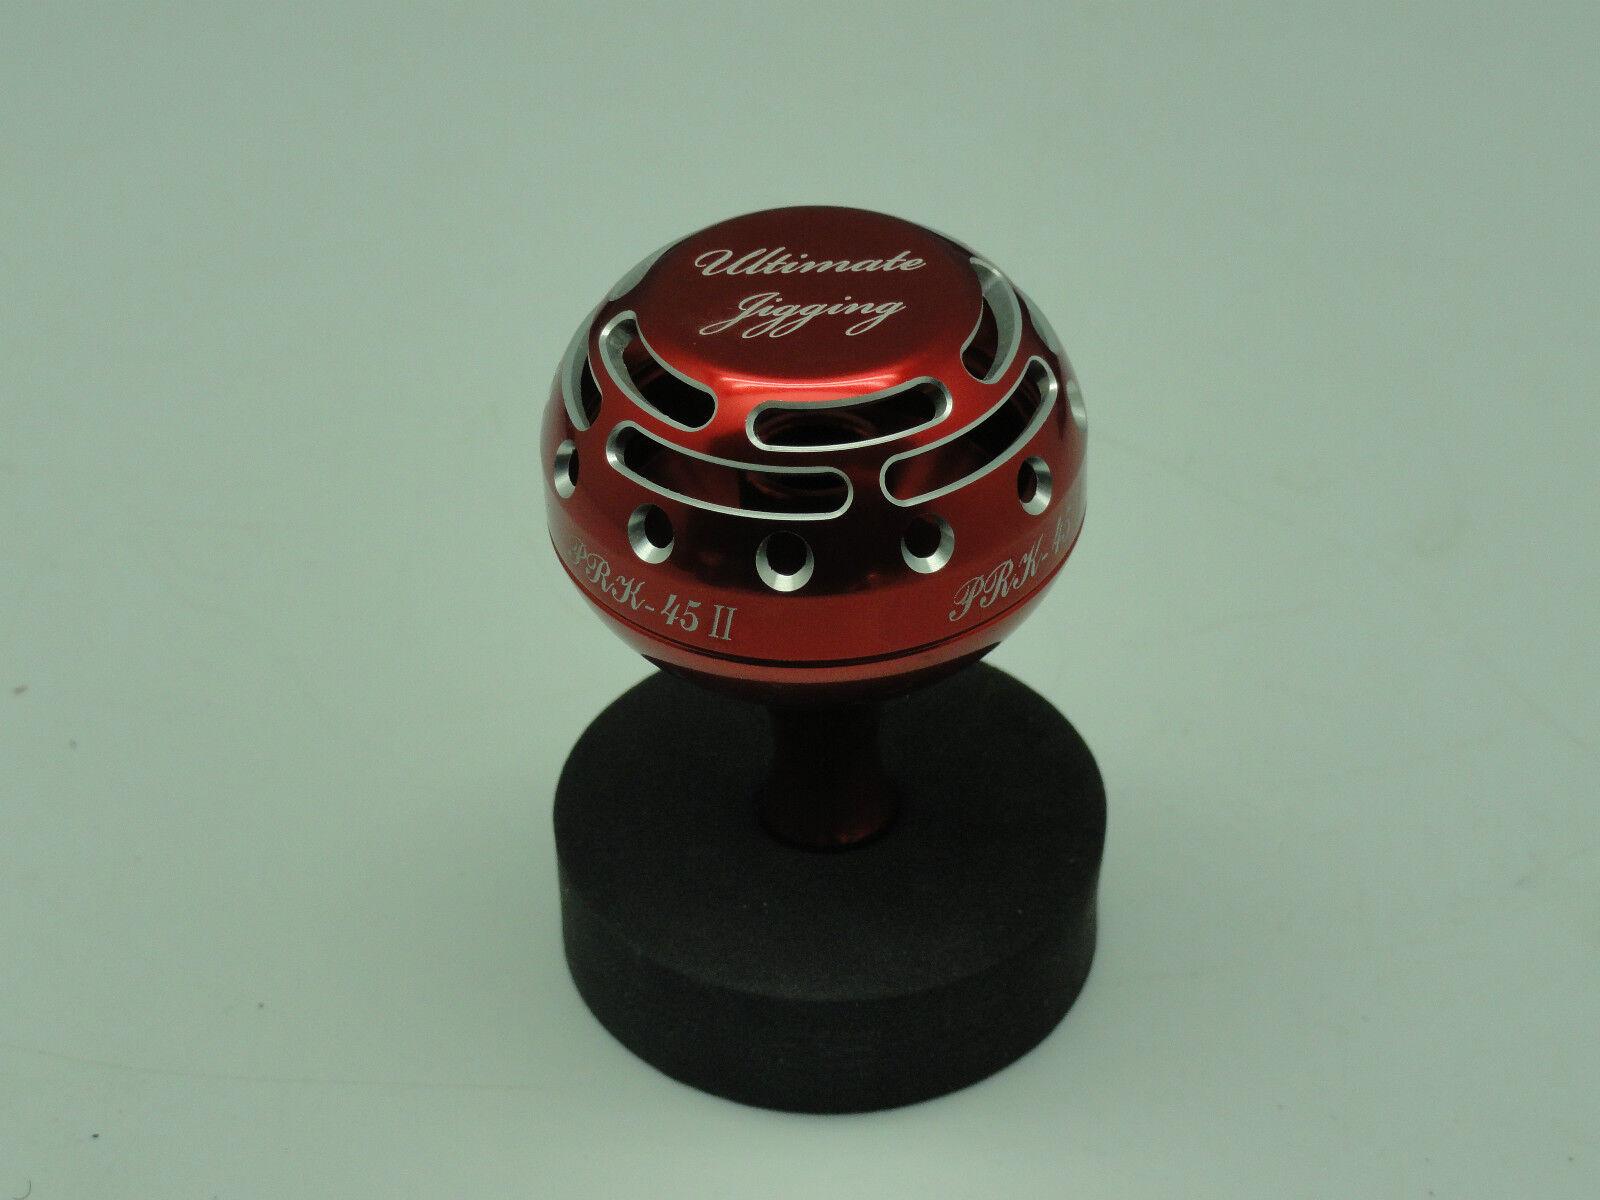 U.J. PRK 45 II knob for shimano Kaikon Kaikon Kaikon 夢屋 Daiwa SEABORG TANACOM BULL reel rosso/SV be7ddf